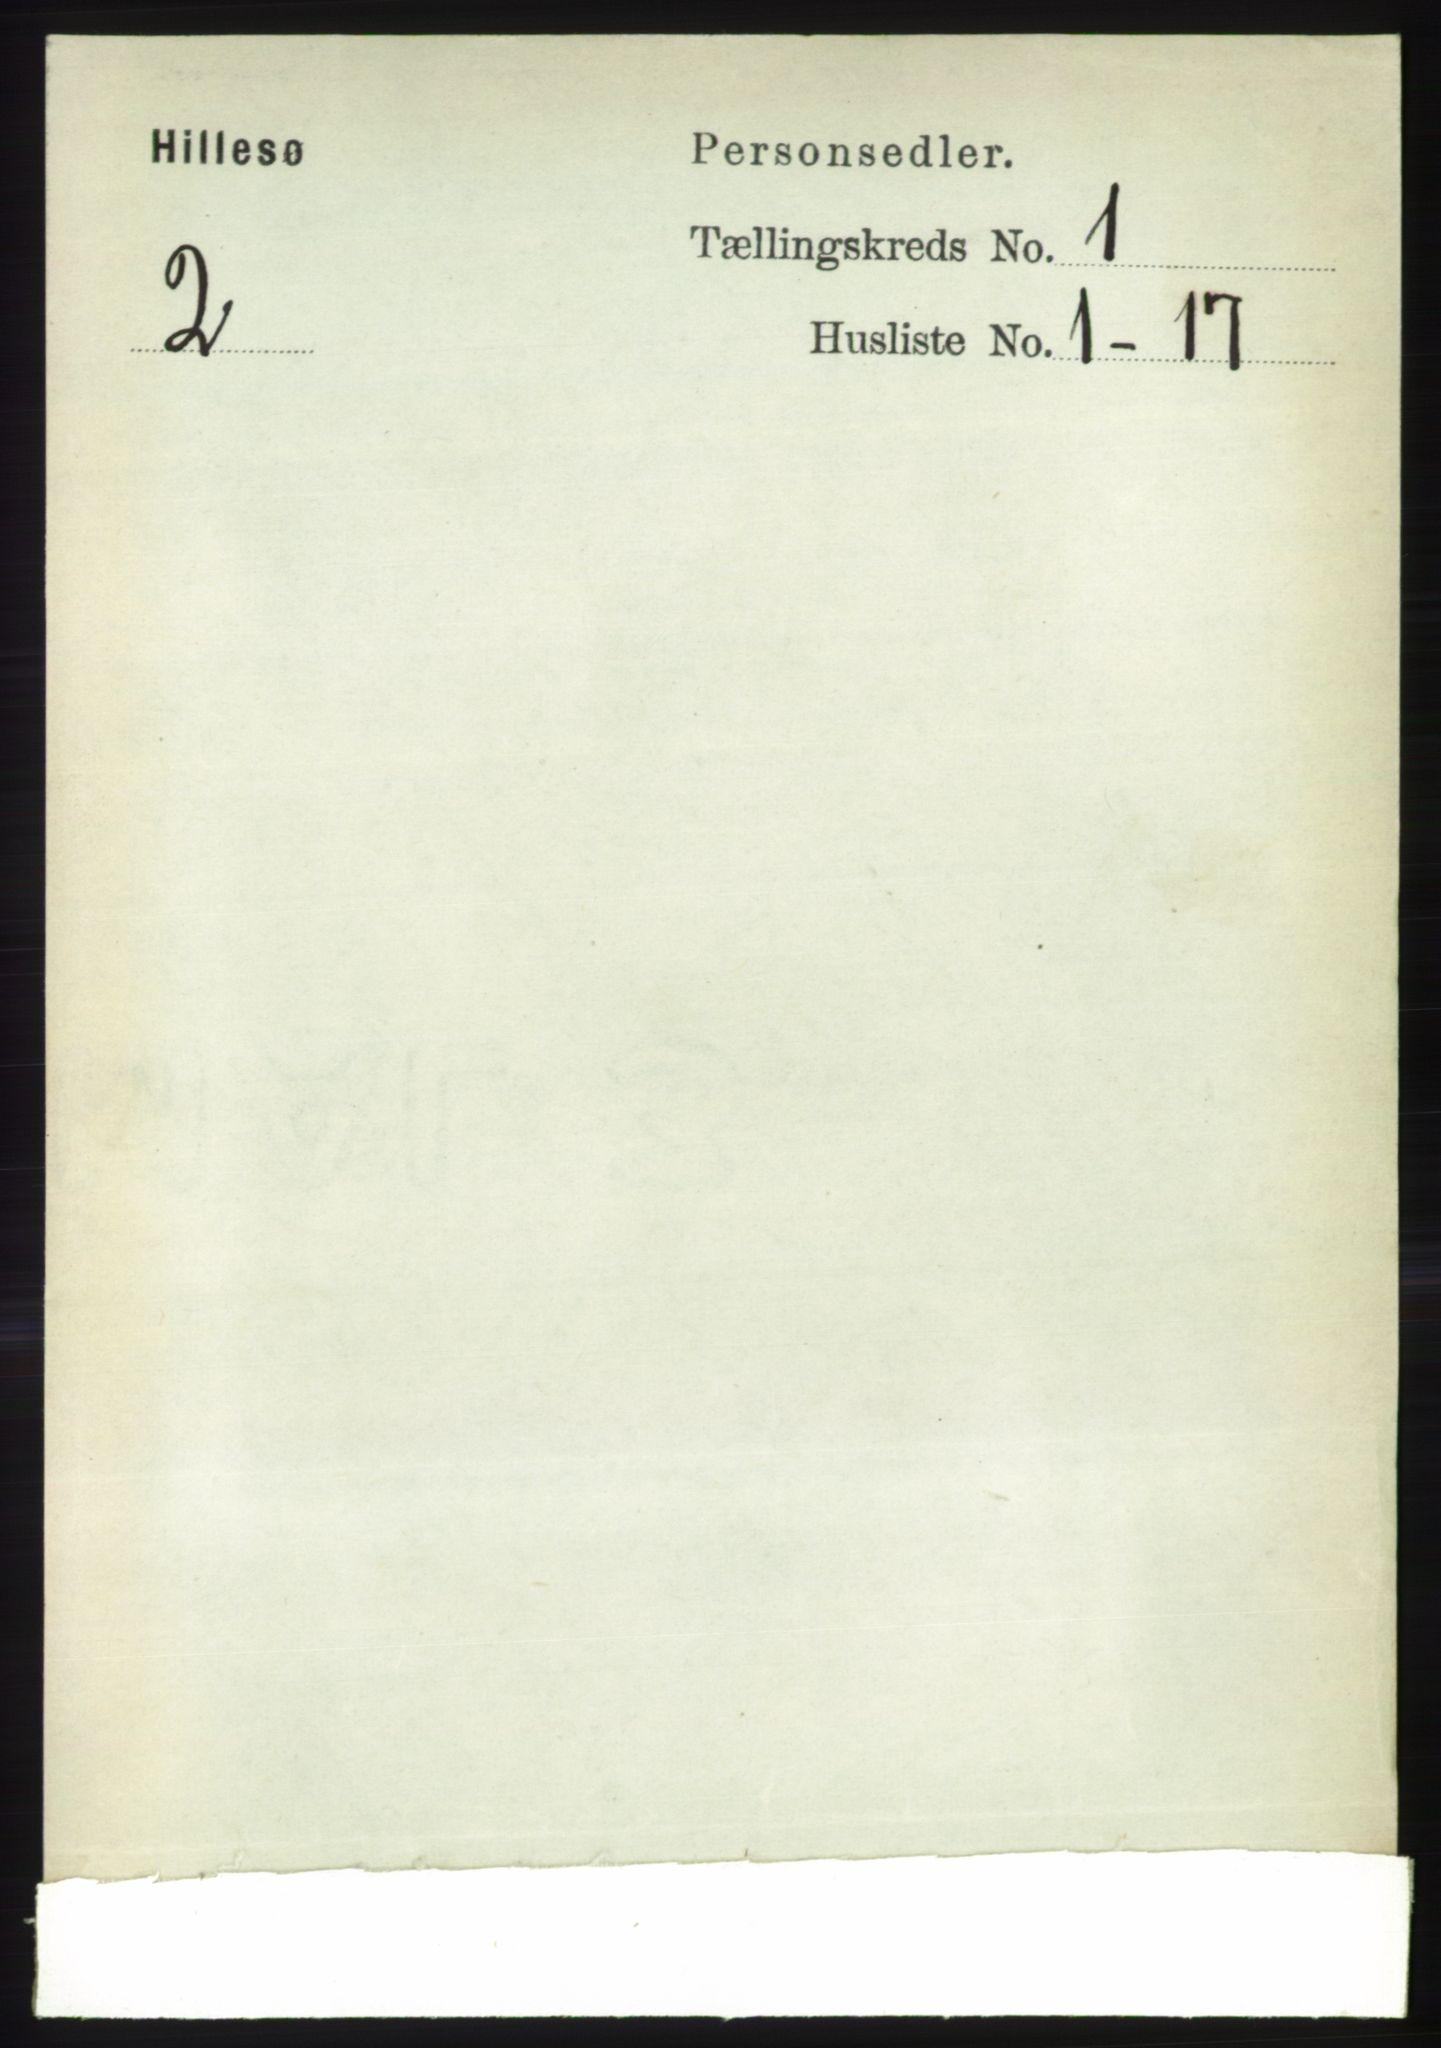 RA, Folketelling 1891 for 1930 Hillesøy herred, 1891, s. 85